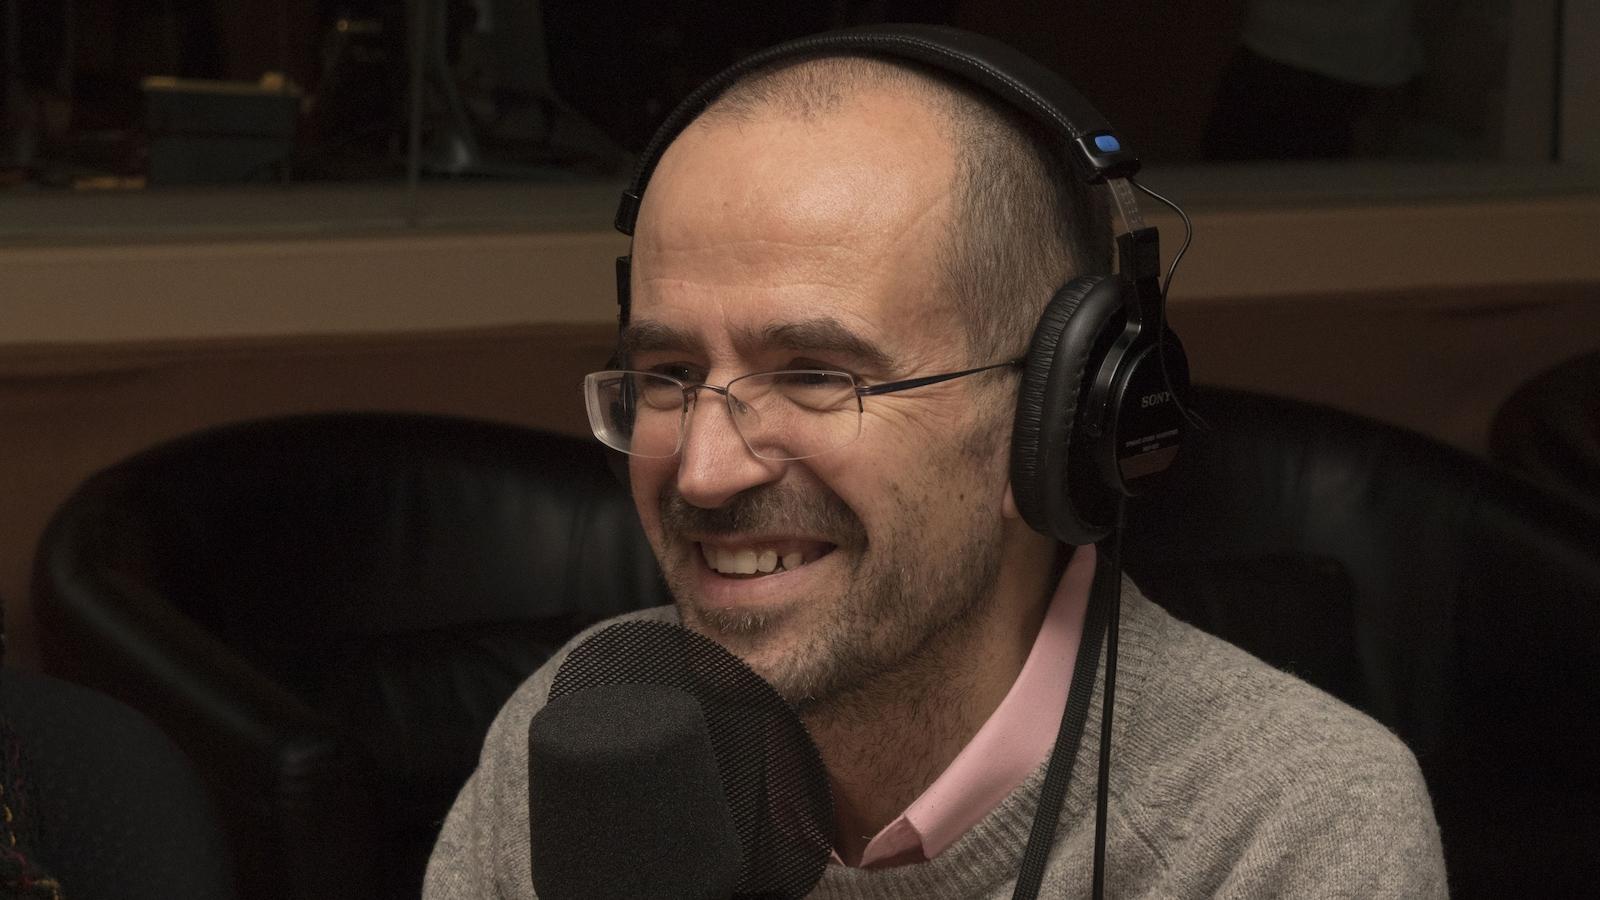 Guillermo Aureano, chercheur au Centre d'études et de recherches internationales de l'Université de Montréal (CERIUM)